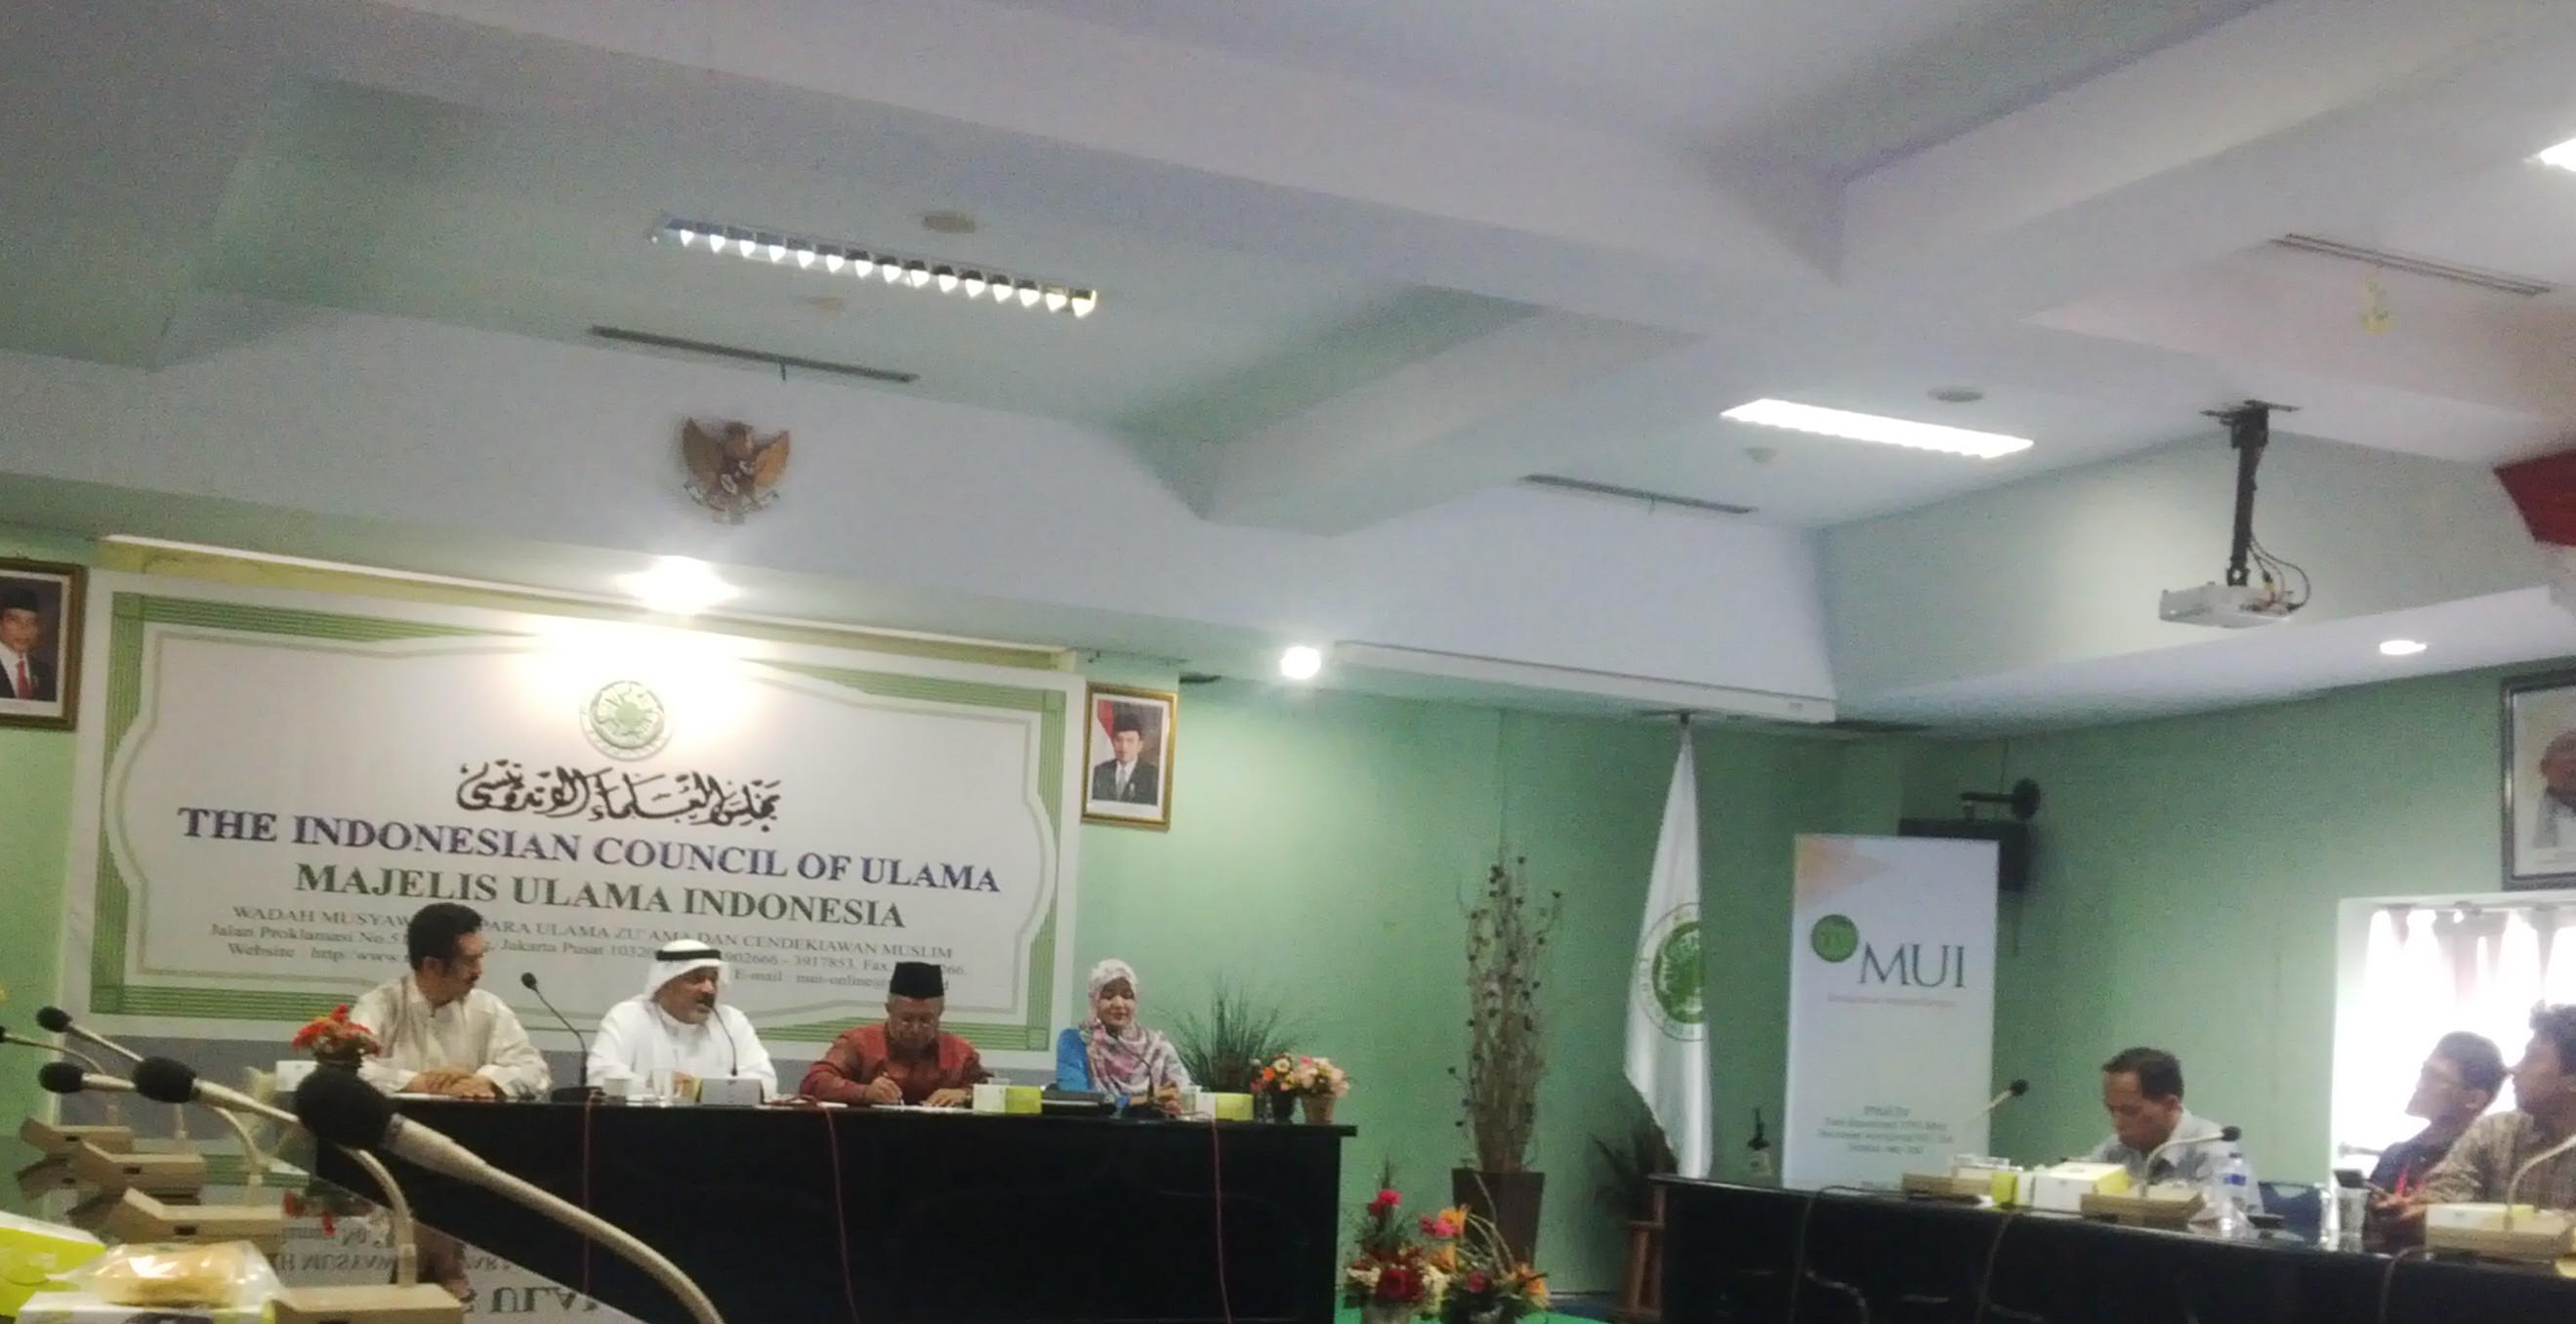 MUI: Konferensi Ulama Dunia Islam Ajang Penyatuan Persepsi Islam Damai